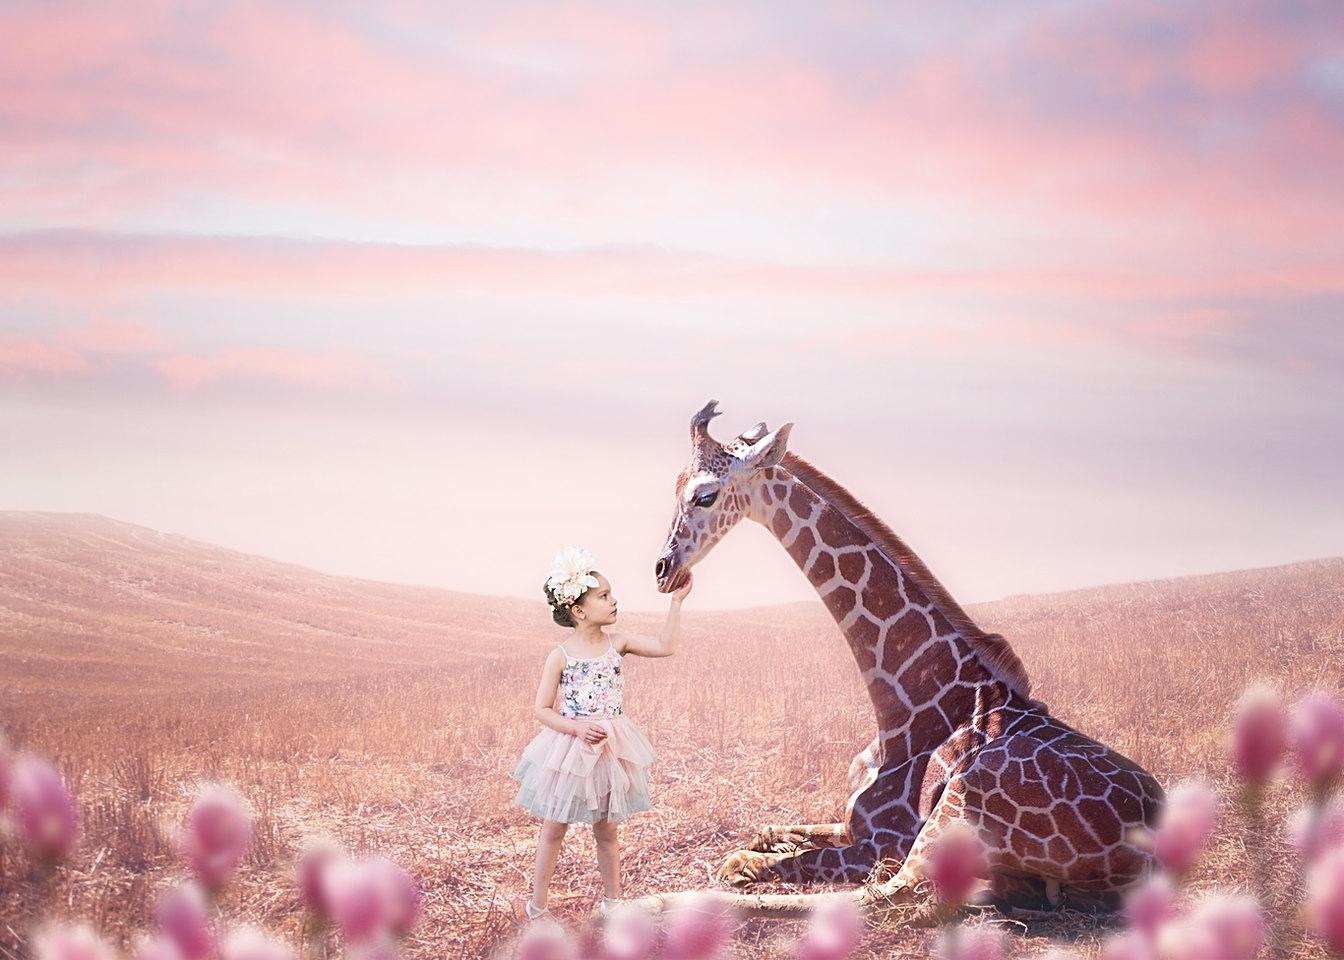 Giraffe Kids Photography in Maine